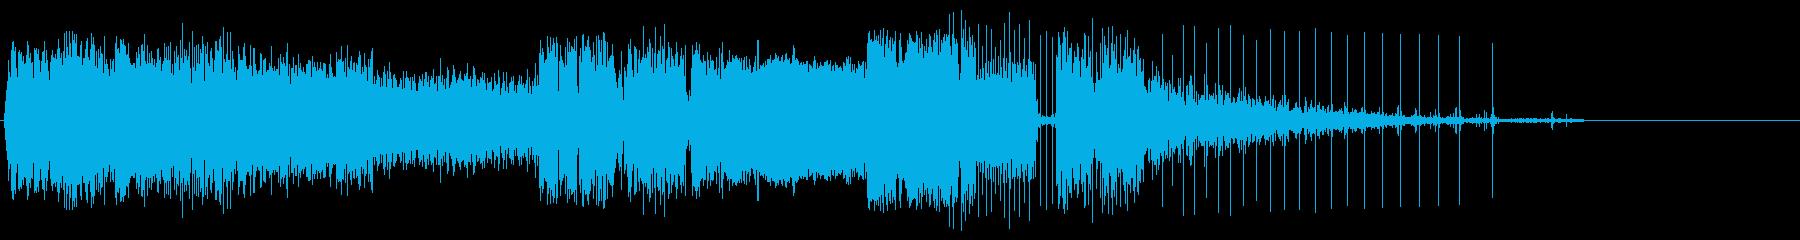 ホワイリーギグの再生済みの波形